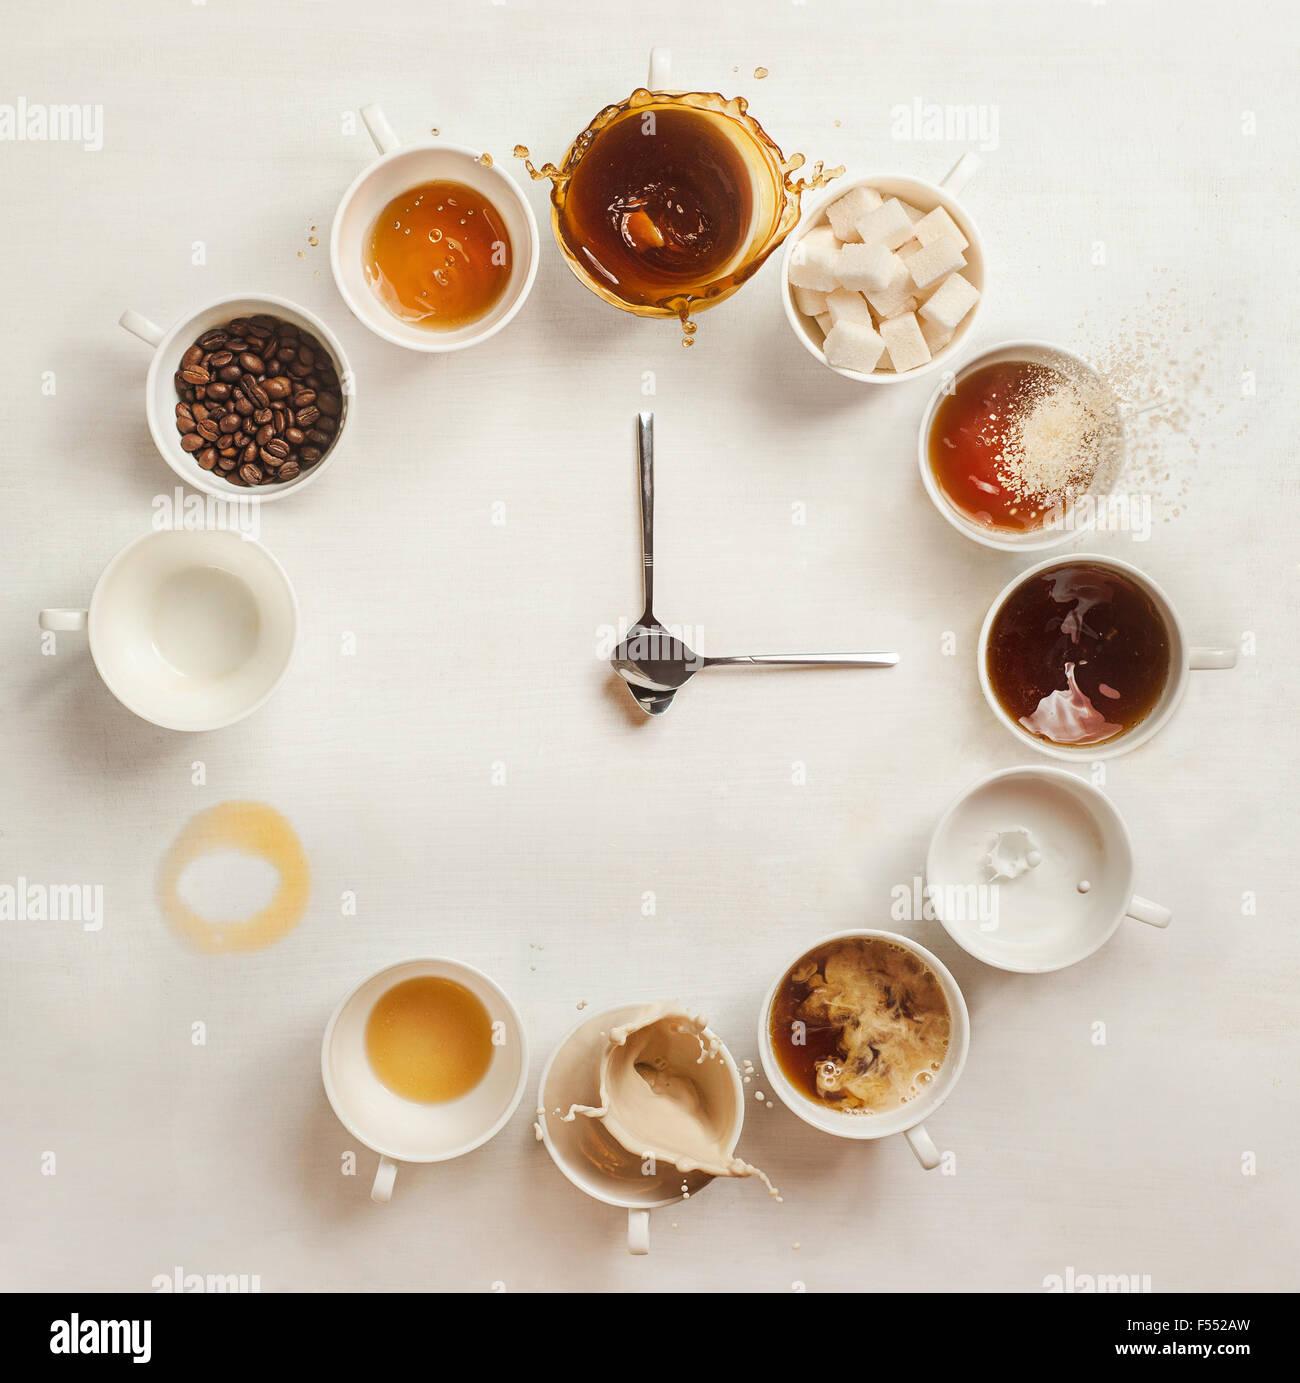 Kaffee Clock.Clock gemacht von einem Dutzend Tassen Kaffee (mit Kaffeebohnen, Milch und Spritzer). Es ist immer Stockbild